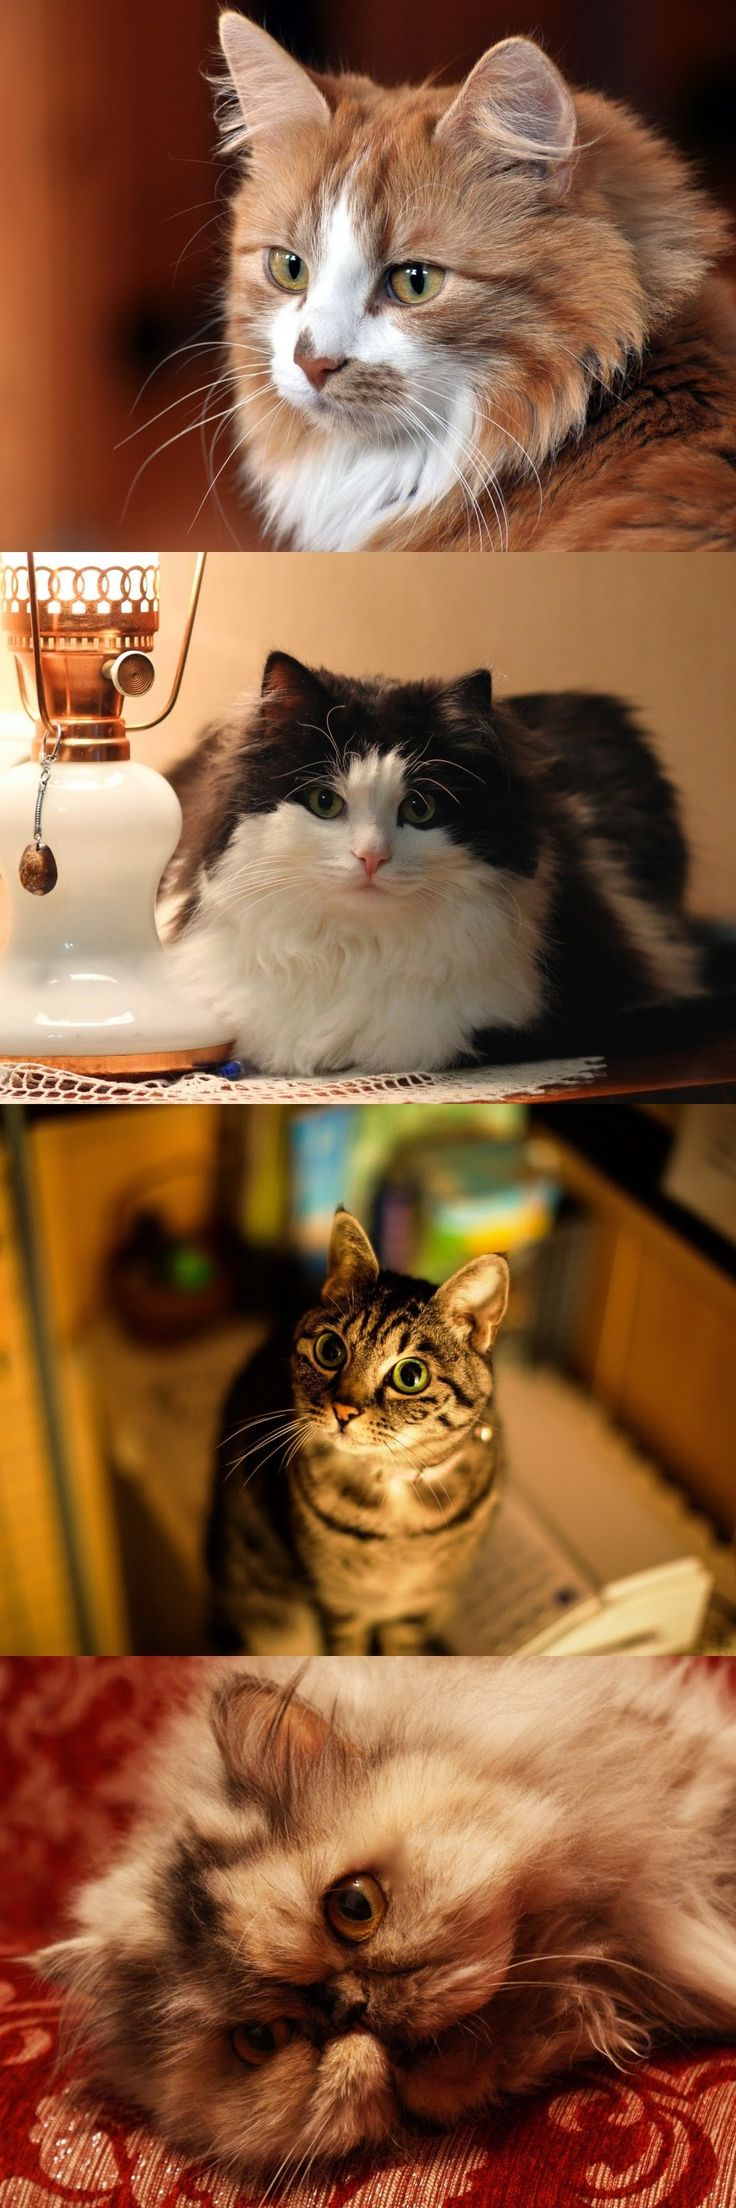 12 best Cute Kittens Love images on Pinterest